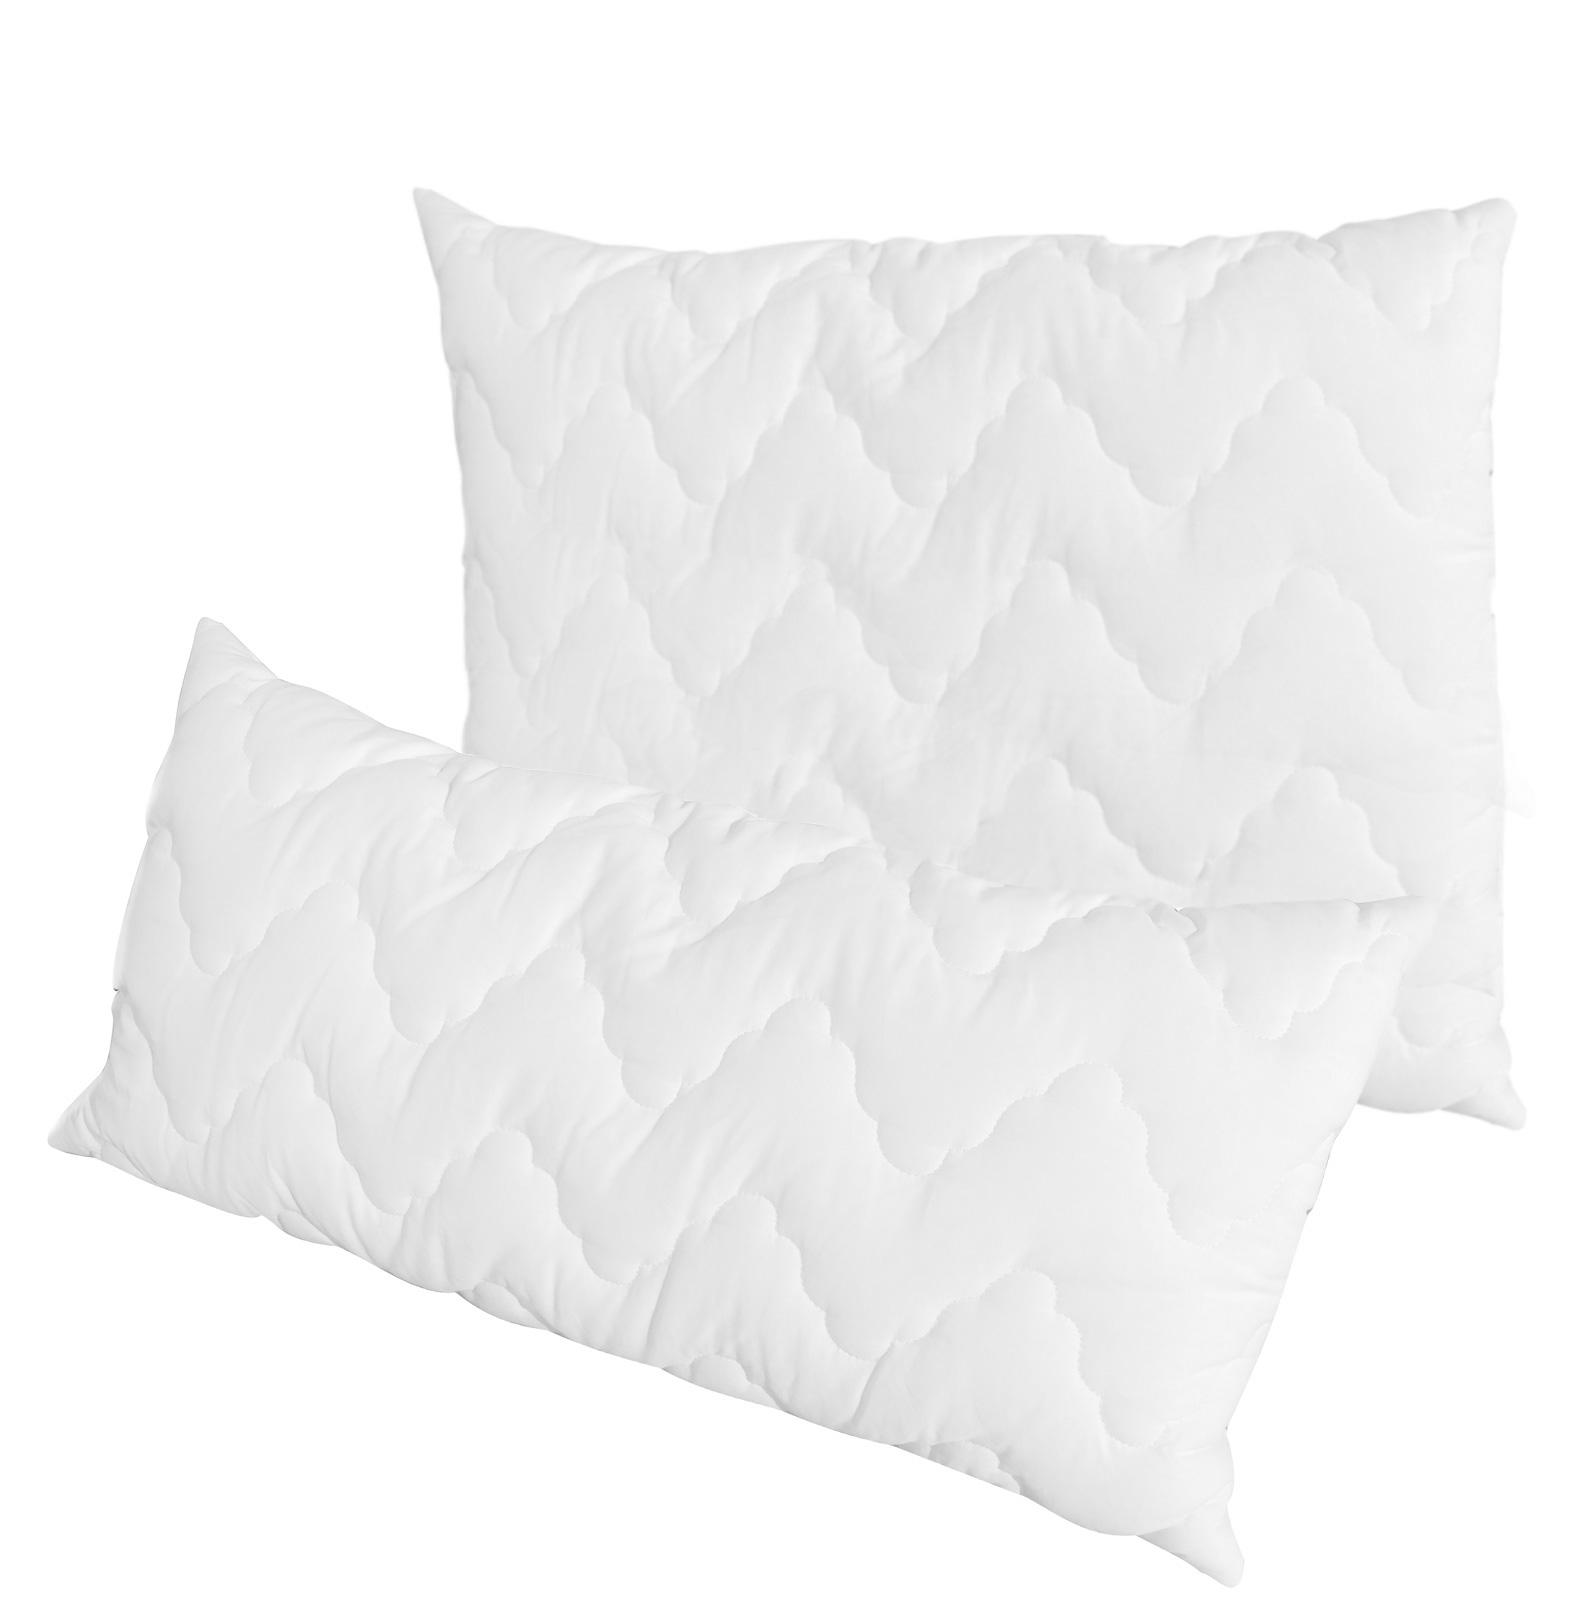 Bettdecken und Kopfkissen - Dream Sleep Kissen Kopfkissen 95° kochfest Bezug 100 Baumwolle 40x80 oder 80x80  - Onlineshop PremiumShop321